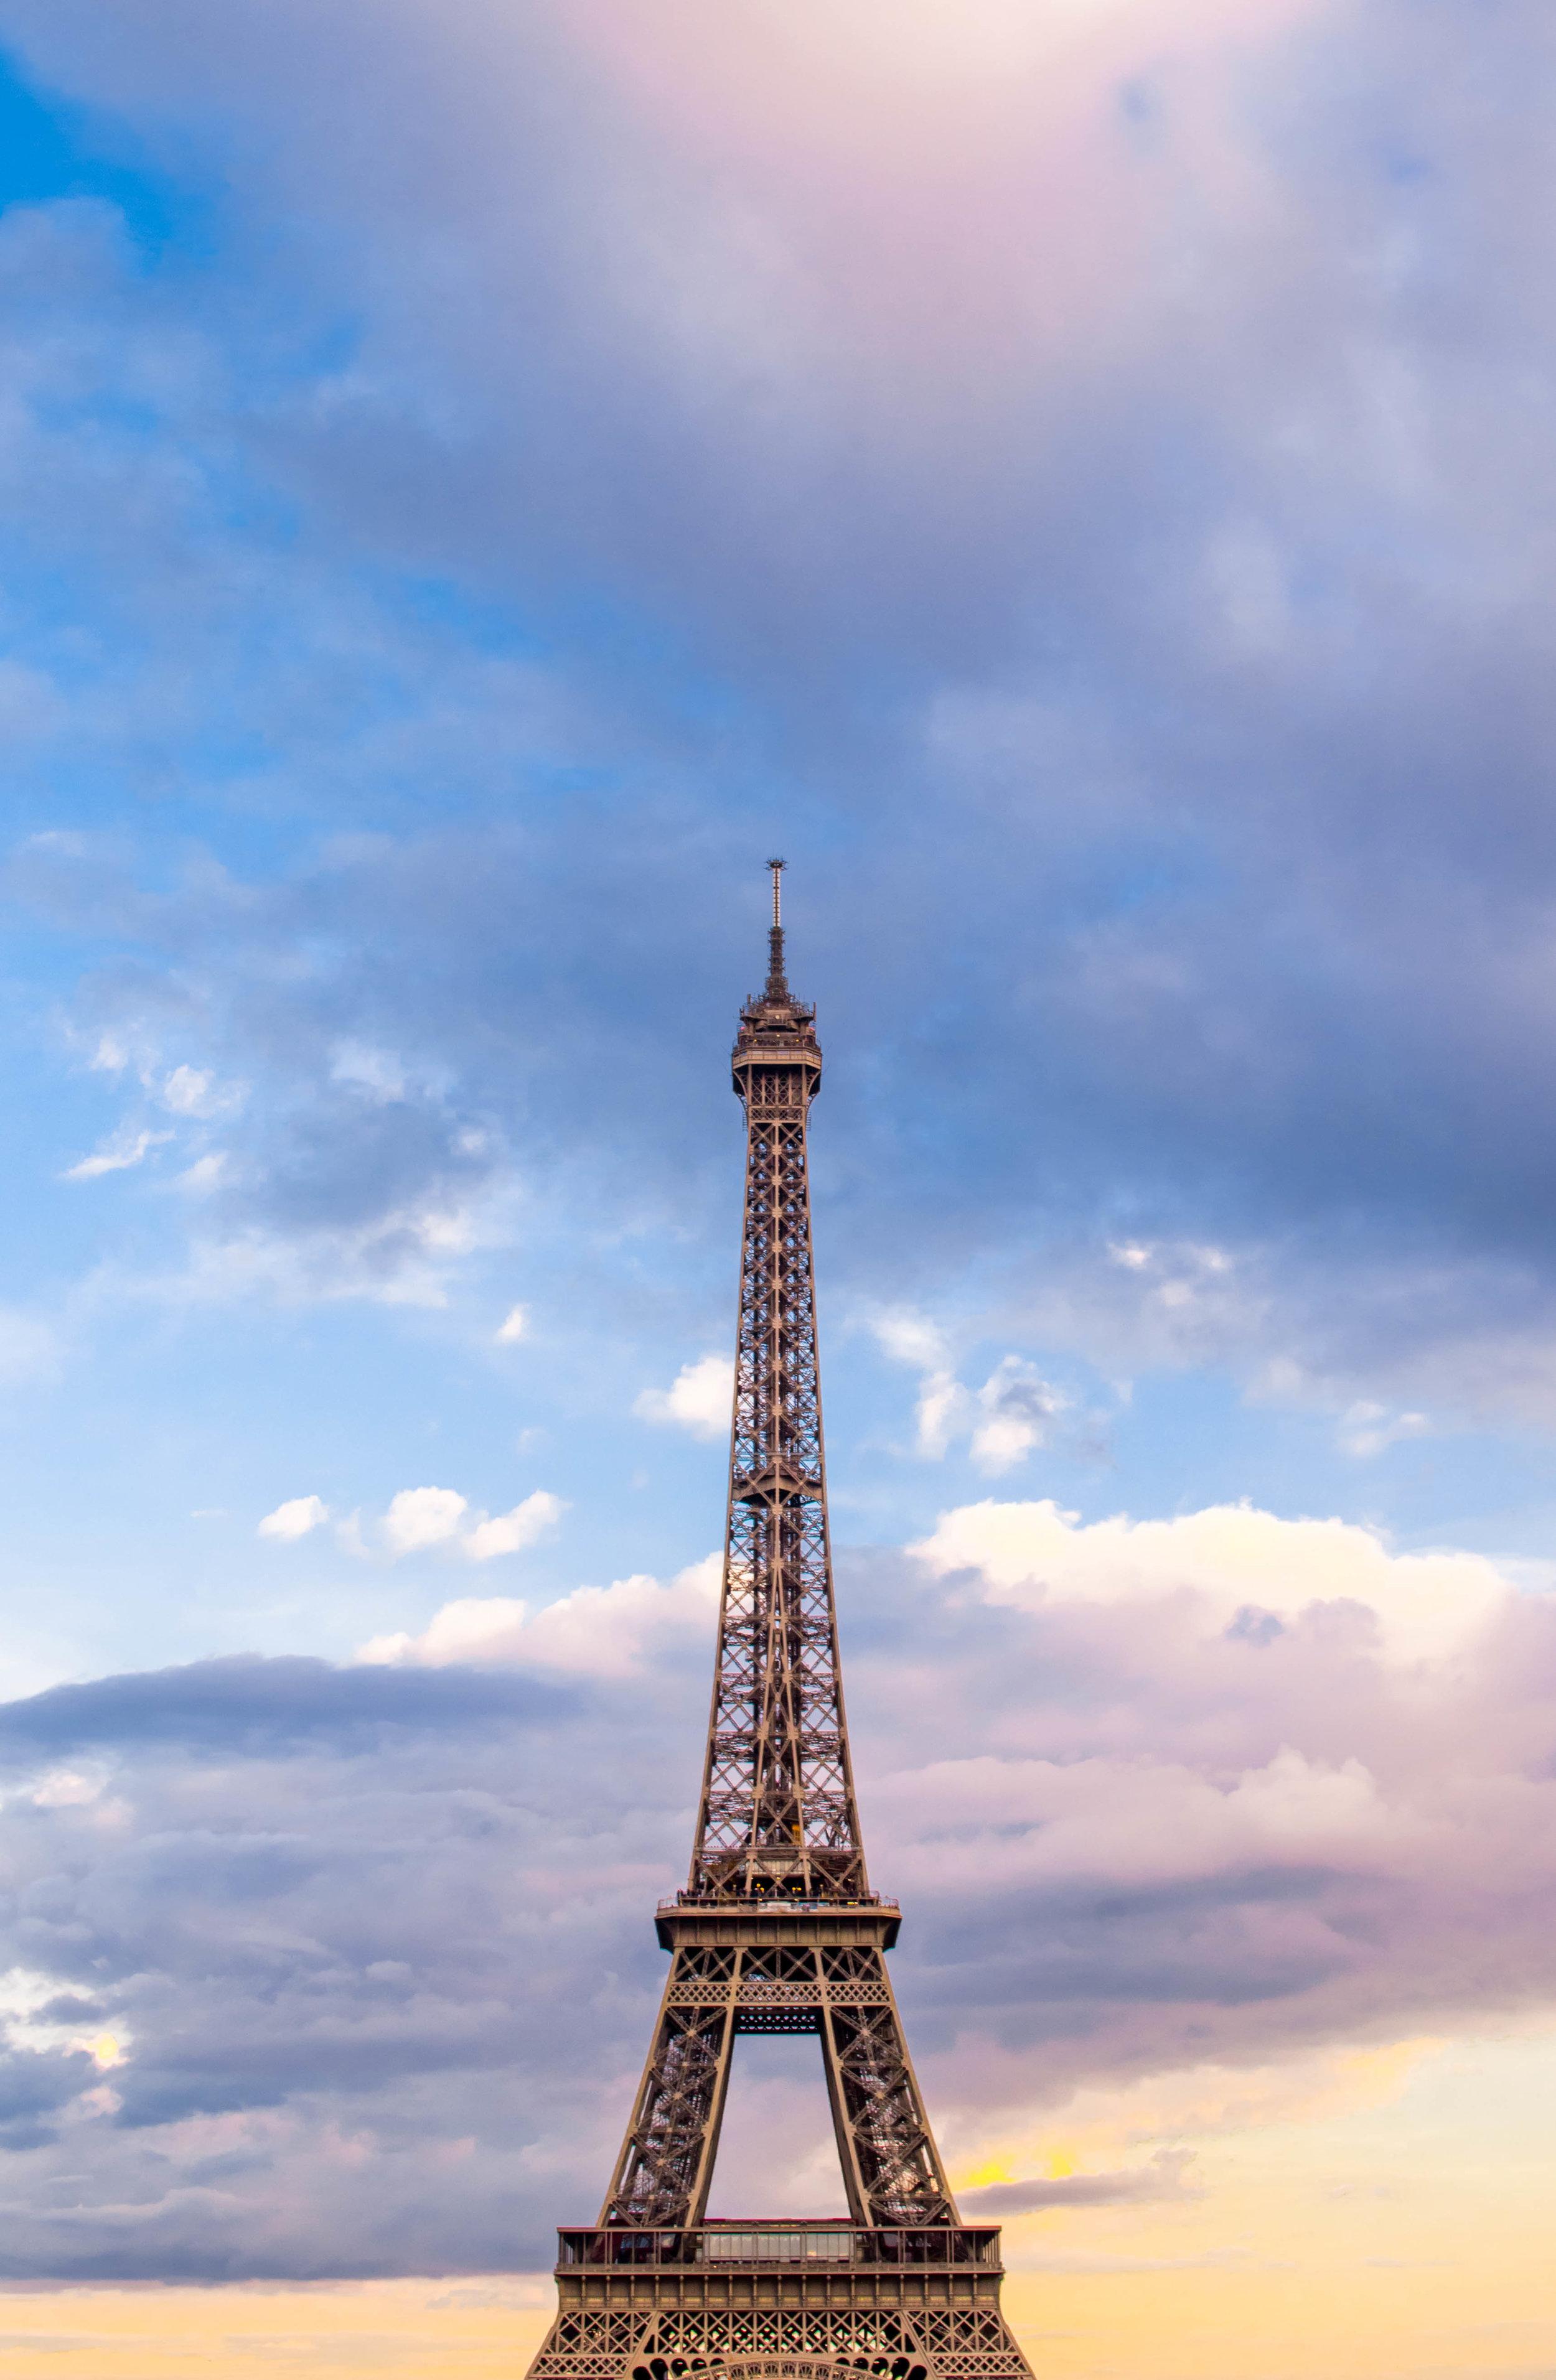 Eiffel Tower, Paris, France by Connor Trimble